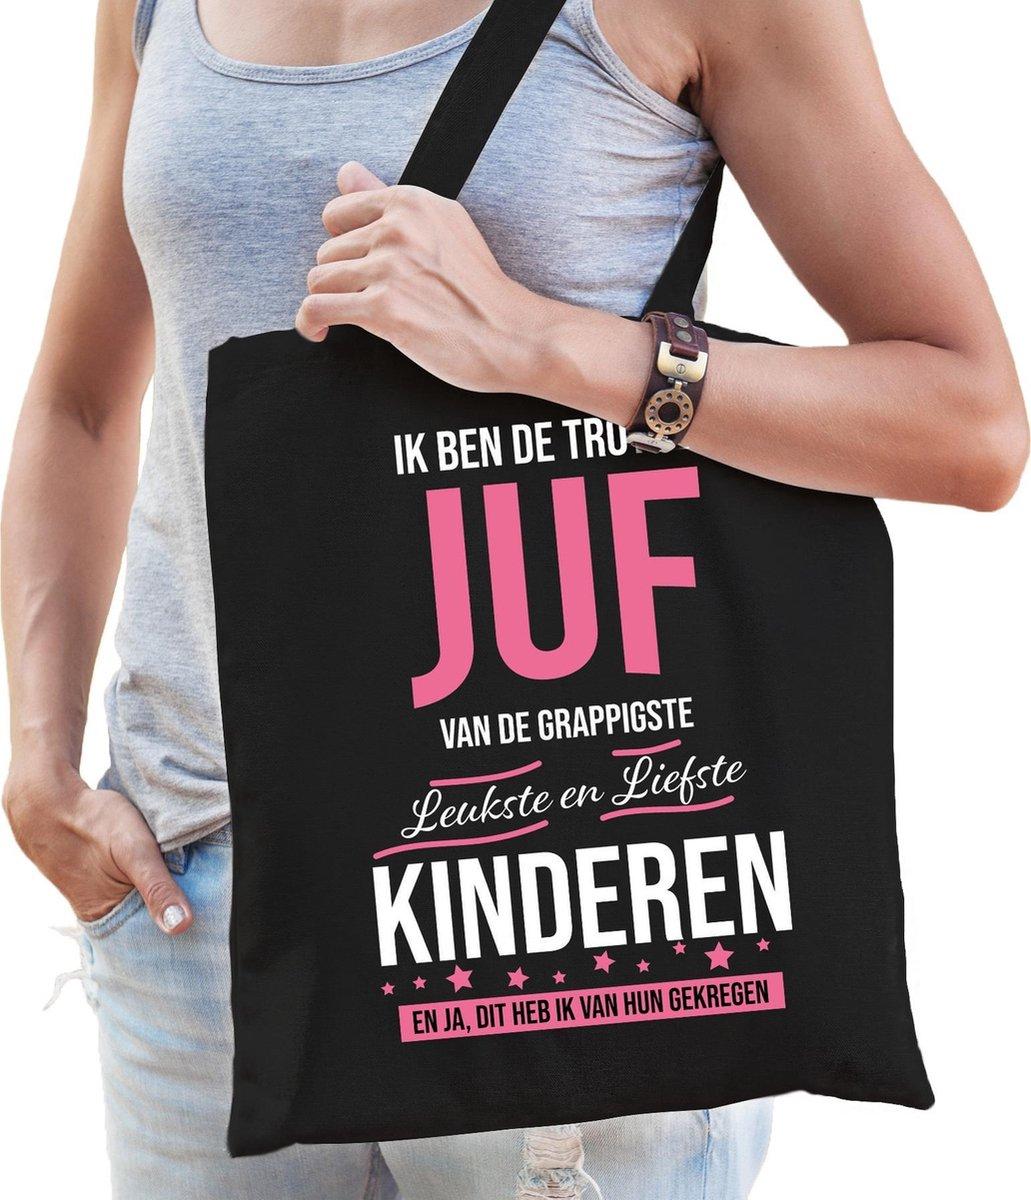 Trotse juf katoenen cadeau tasje zwart voor dames - wit en roze letters - verjaardag / kado tassen /